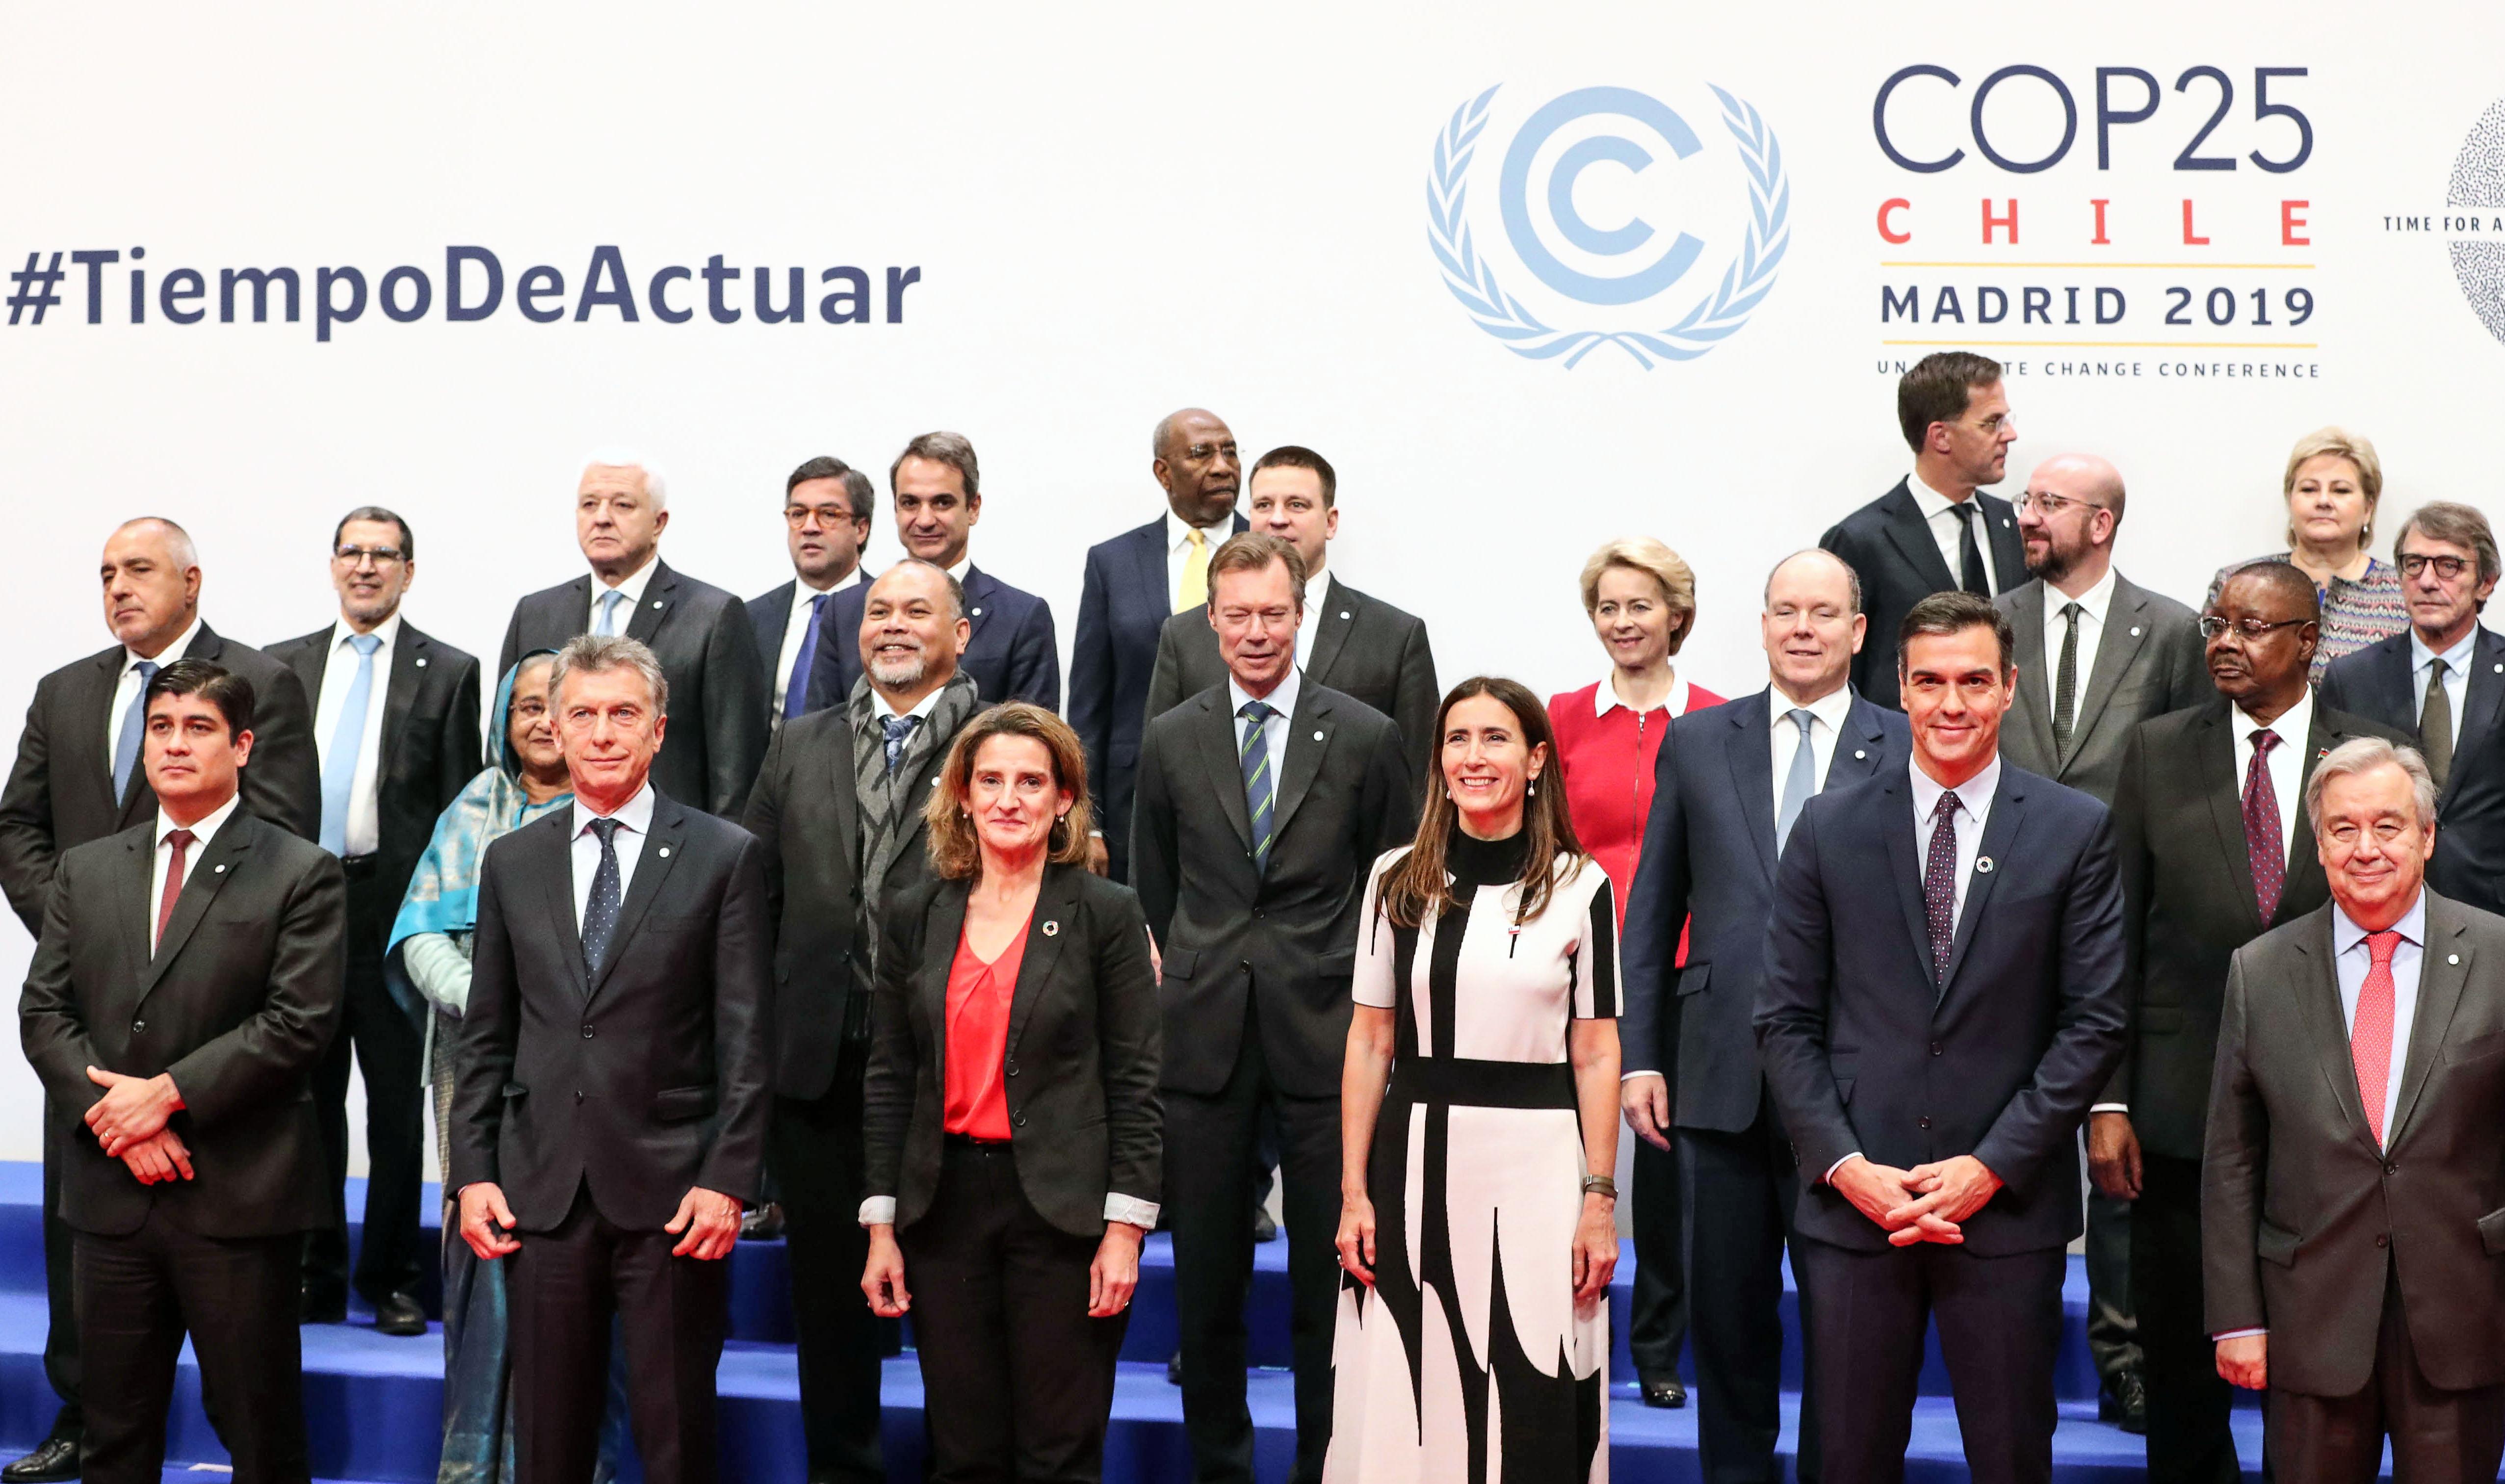 El Presidente Mauricio Macri junto a los representantes de la XXV Conferencia de Naciones Unidas sobre el Cambio Climático.